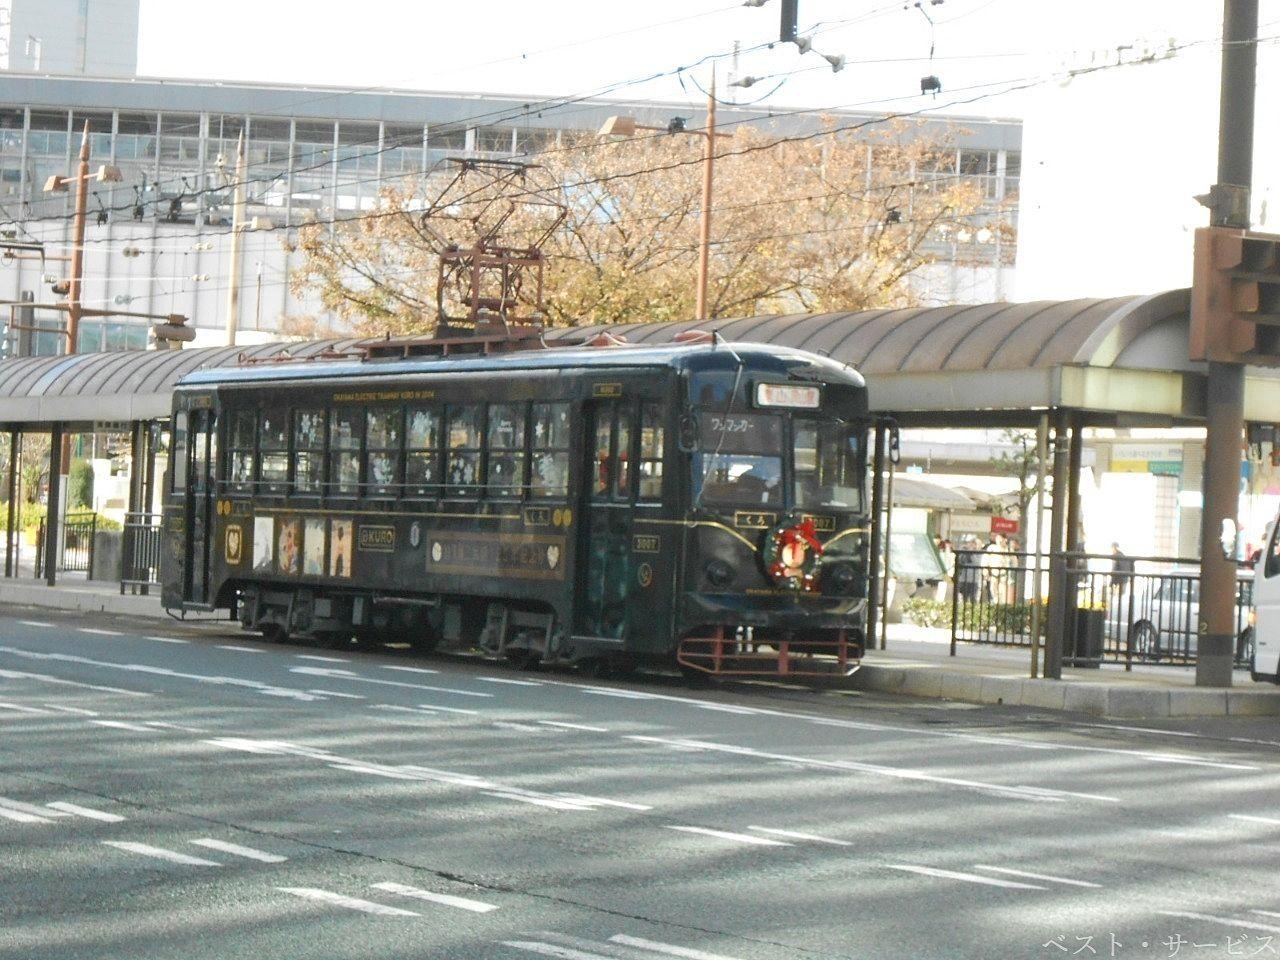 昭和44年より運行している最も古いタイプの電車のリニューアル版です